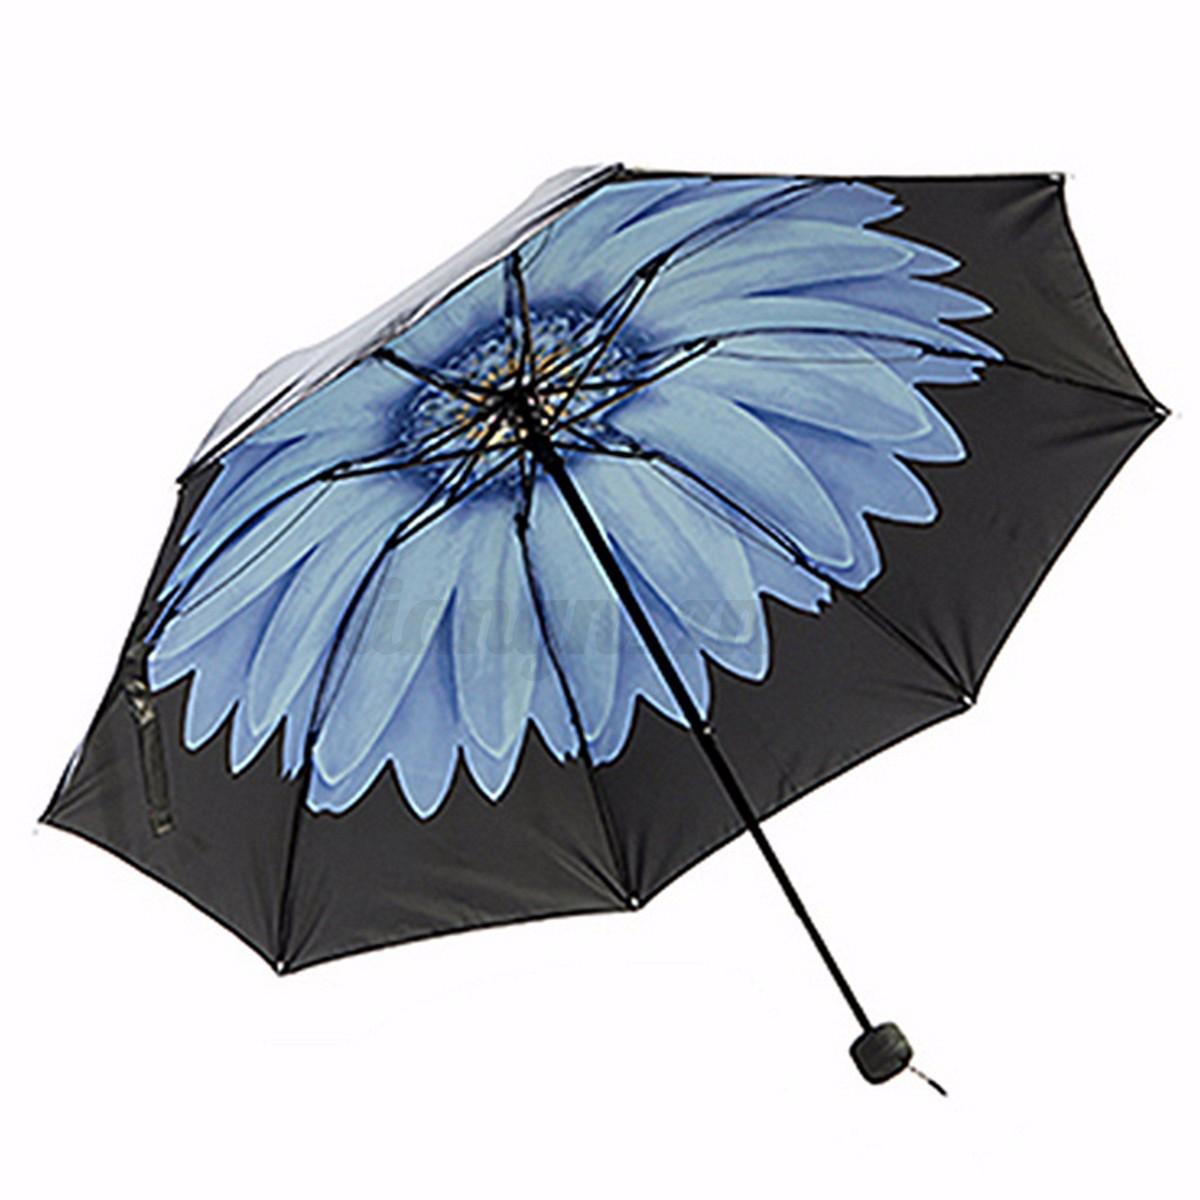 parapluies fleur noir pliant compact imprim invers anti soleil uv vent parasol ebay. Black Bedroom Furniture Sets. Home Design Ideas